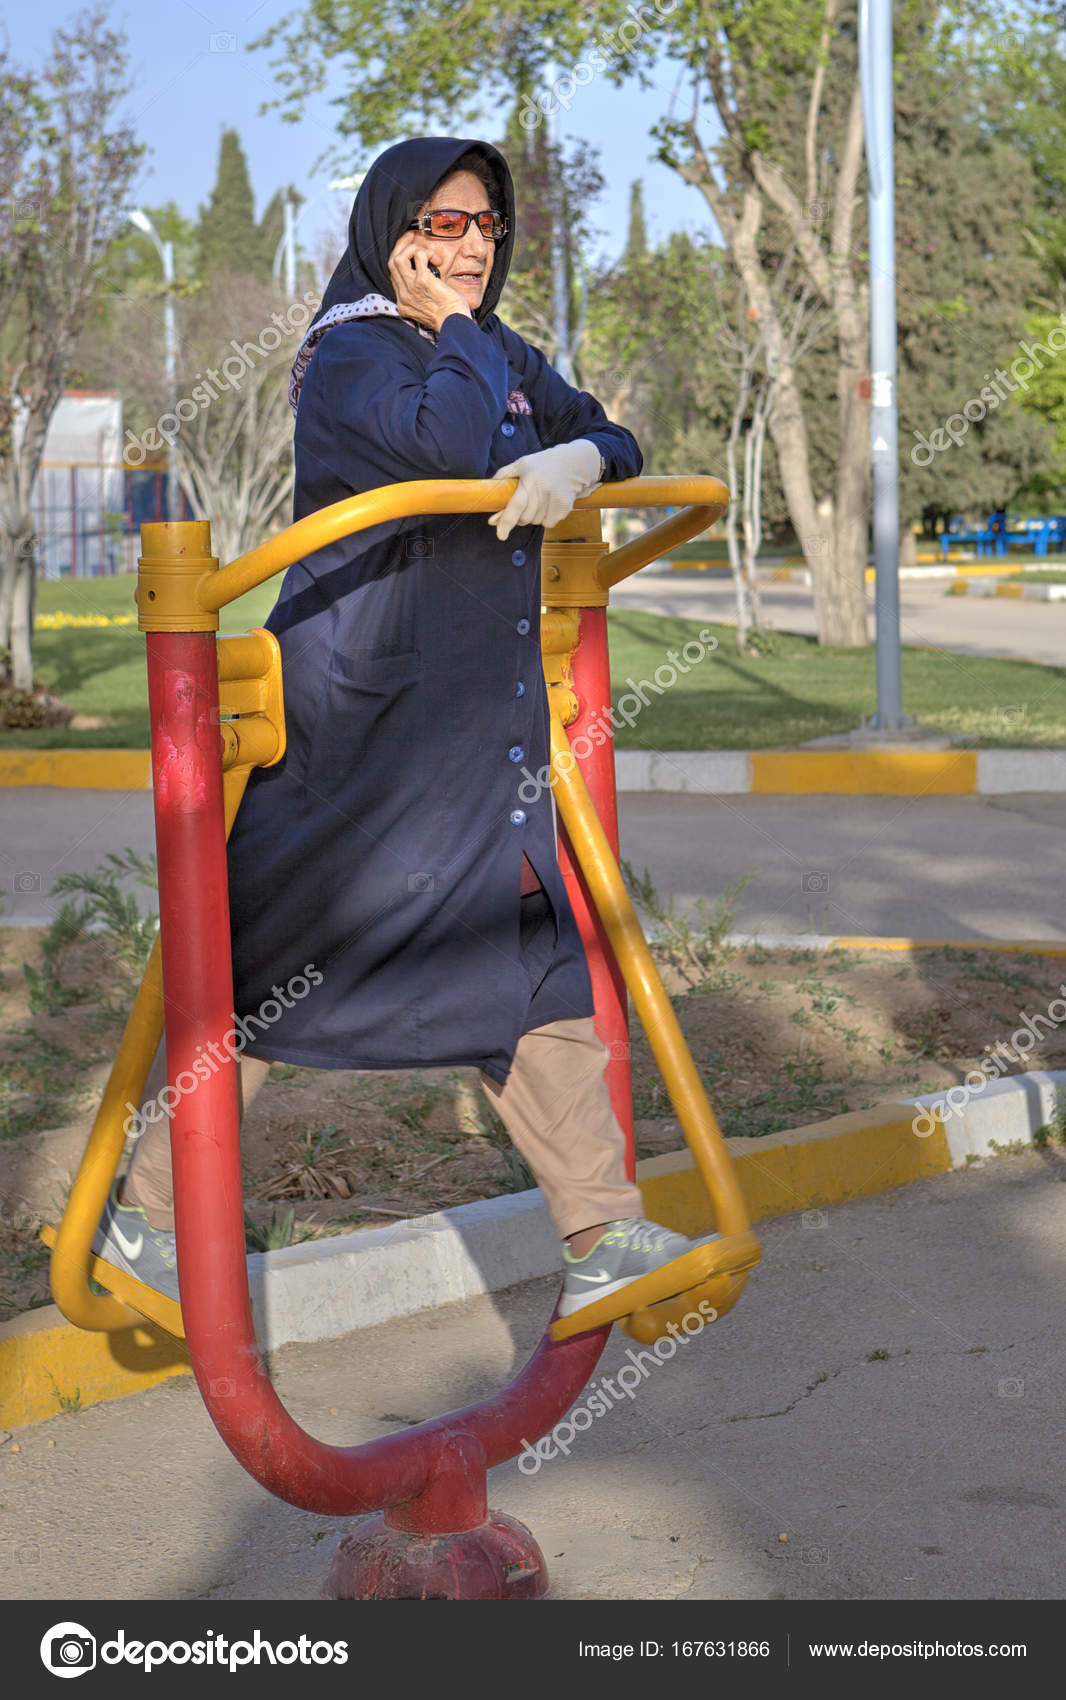 Iran mature woman not